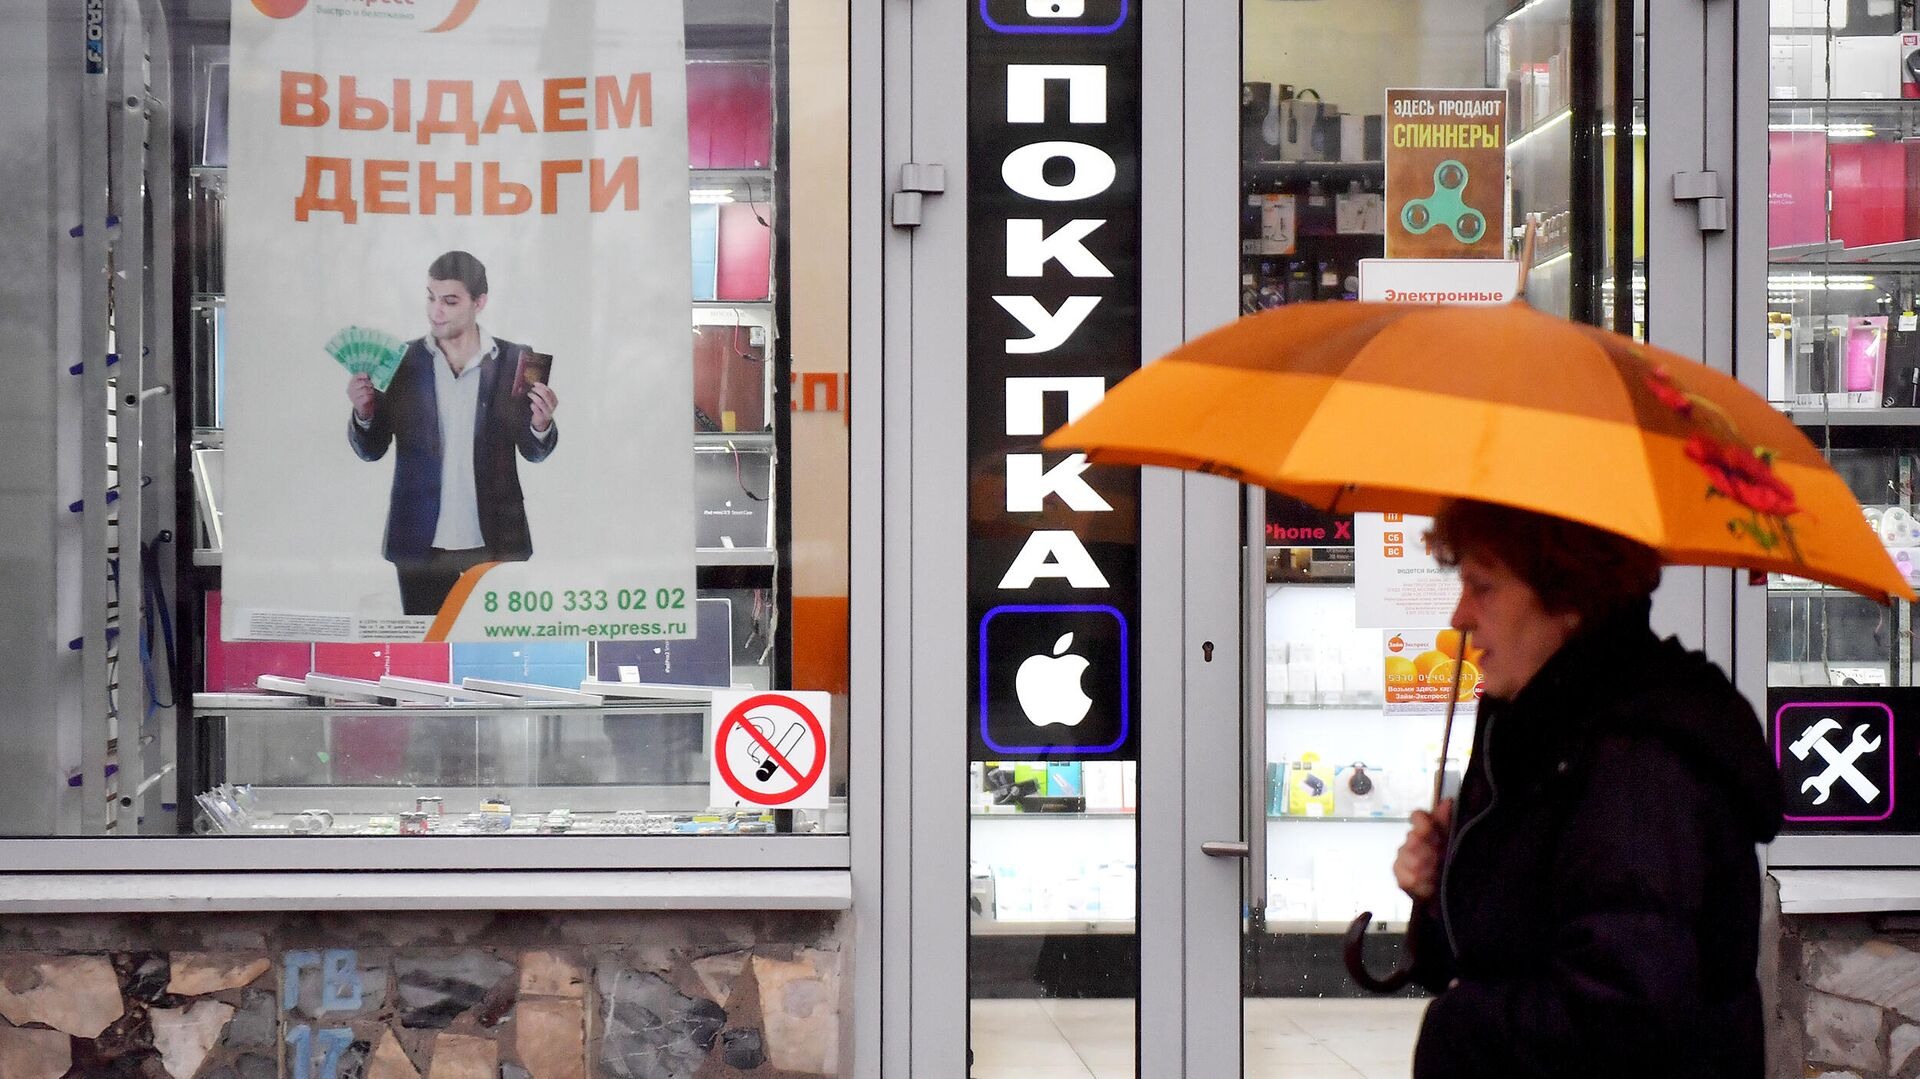 Рекламная вывеска микрокредитной организации в Москве - РИА Новости, 1920, 18.04.2021